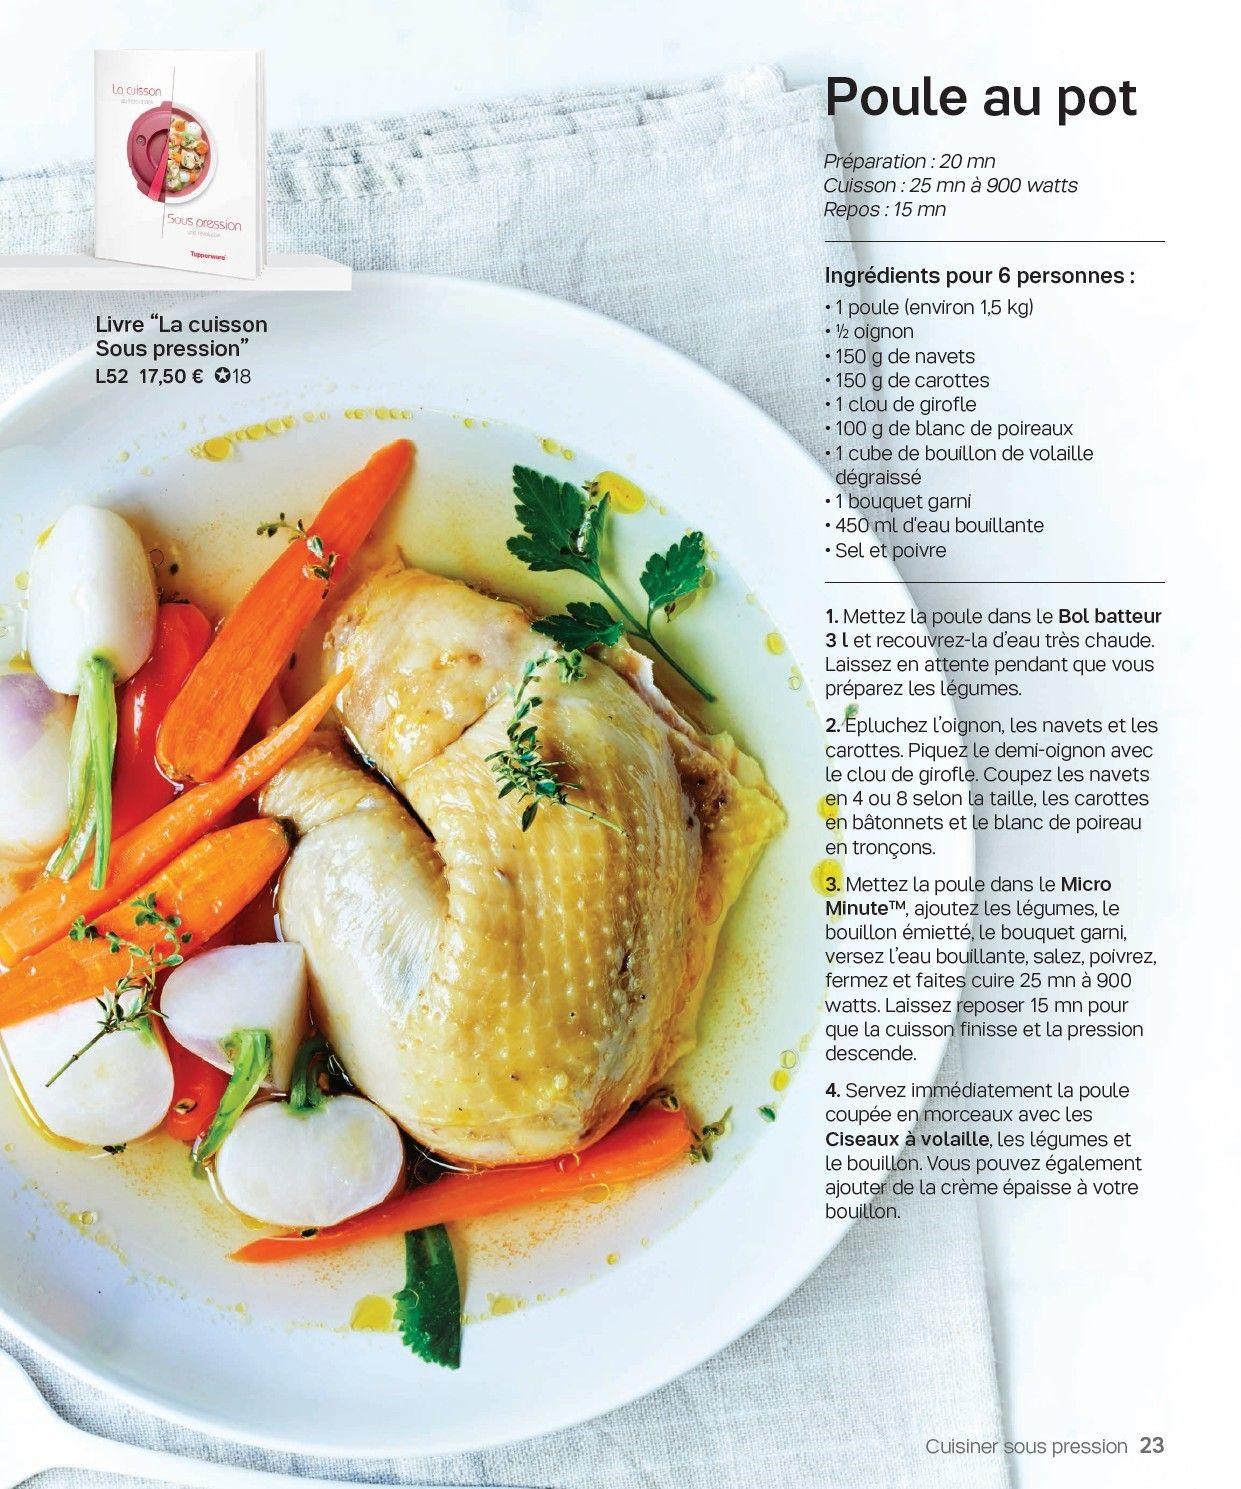 Poule au pot micro minute pinterest recettes tupperware tupperware et poule - Micro minute tupperware recette ...